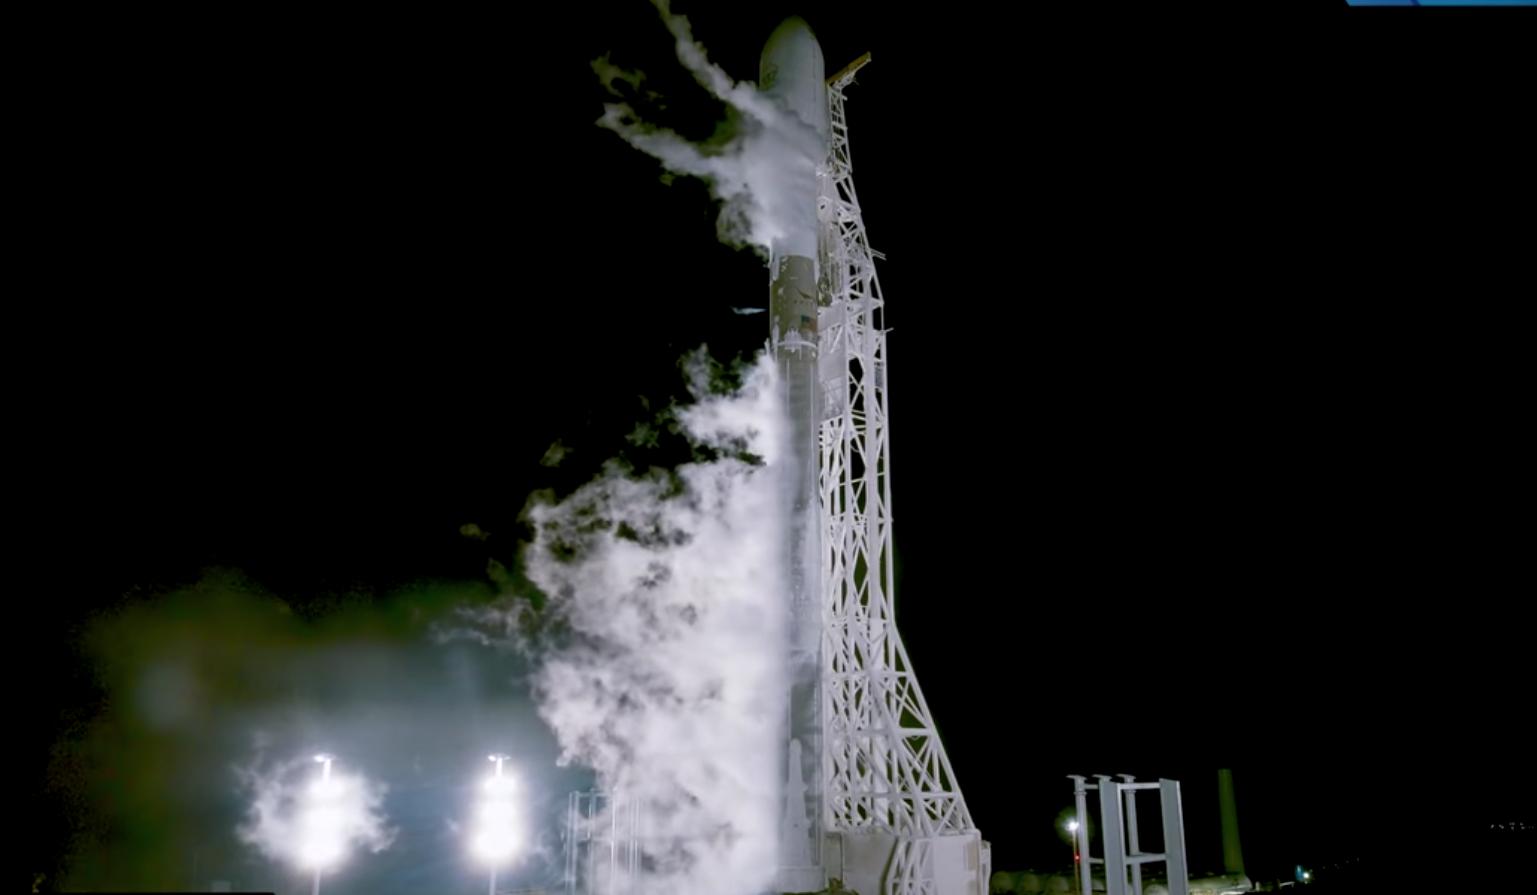 Video: Satellit PAZ mit Falcon 9 erfolgreich gestartet